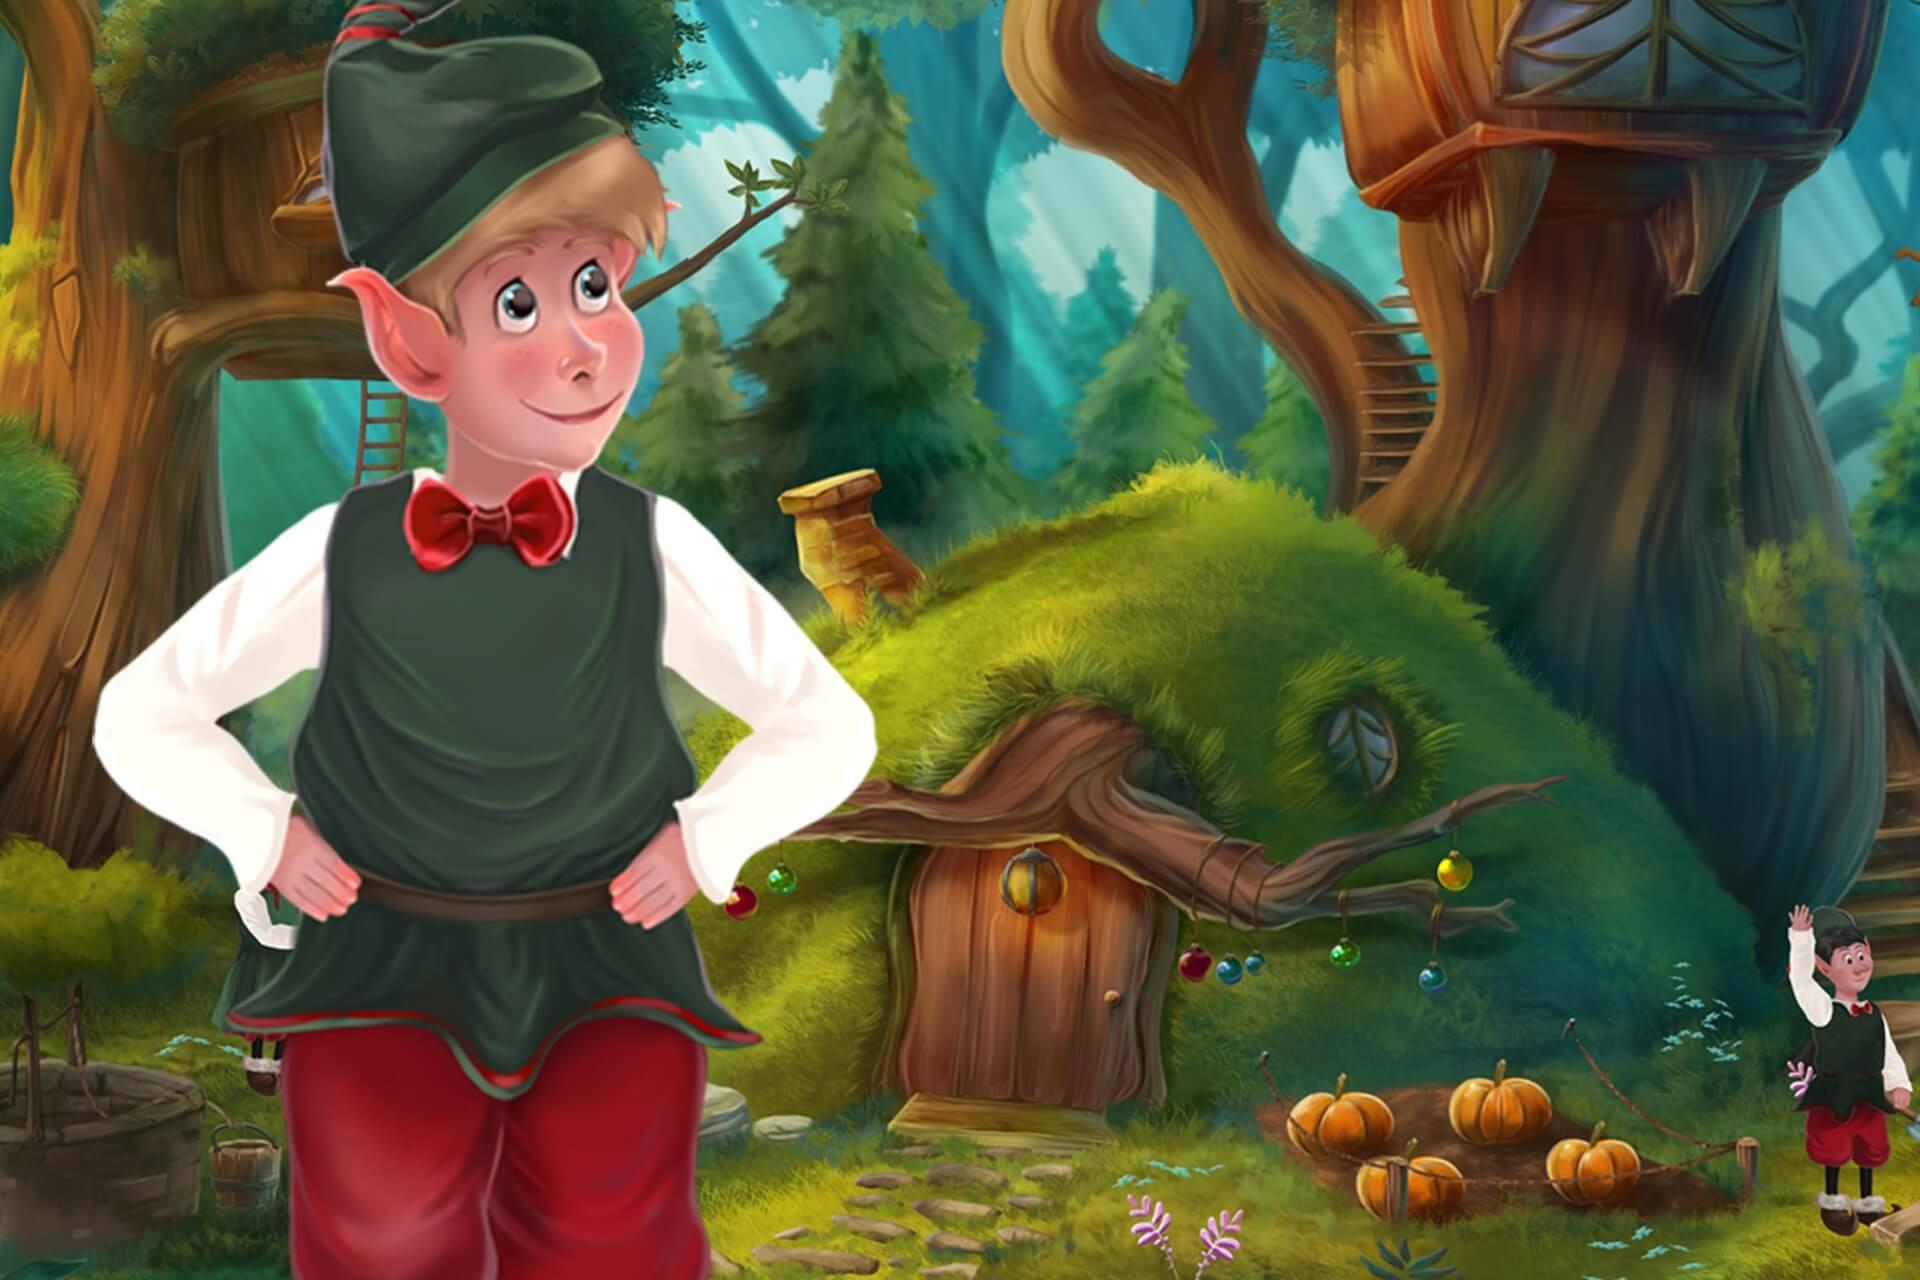 życzenia Urodzinowe Dla Dzieci Top 10 Elfi Bajka